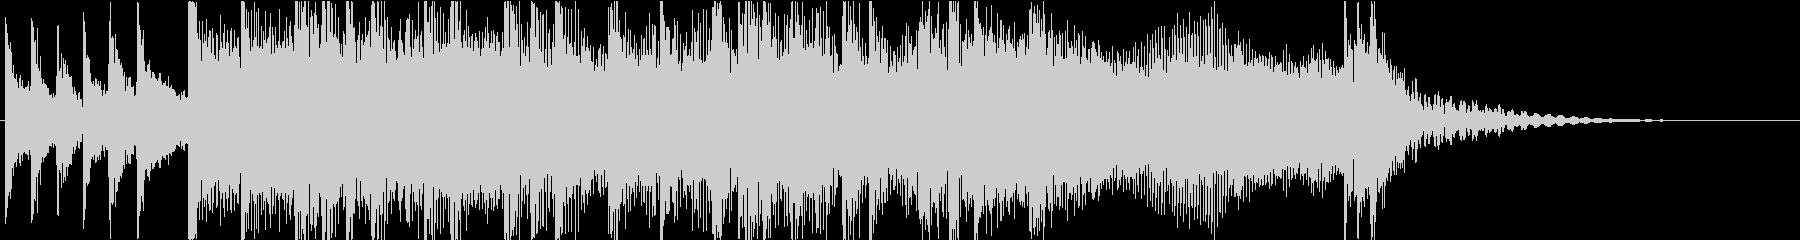 生演奏ギターのハードロックジングルの未再生の波形